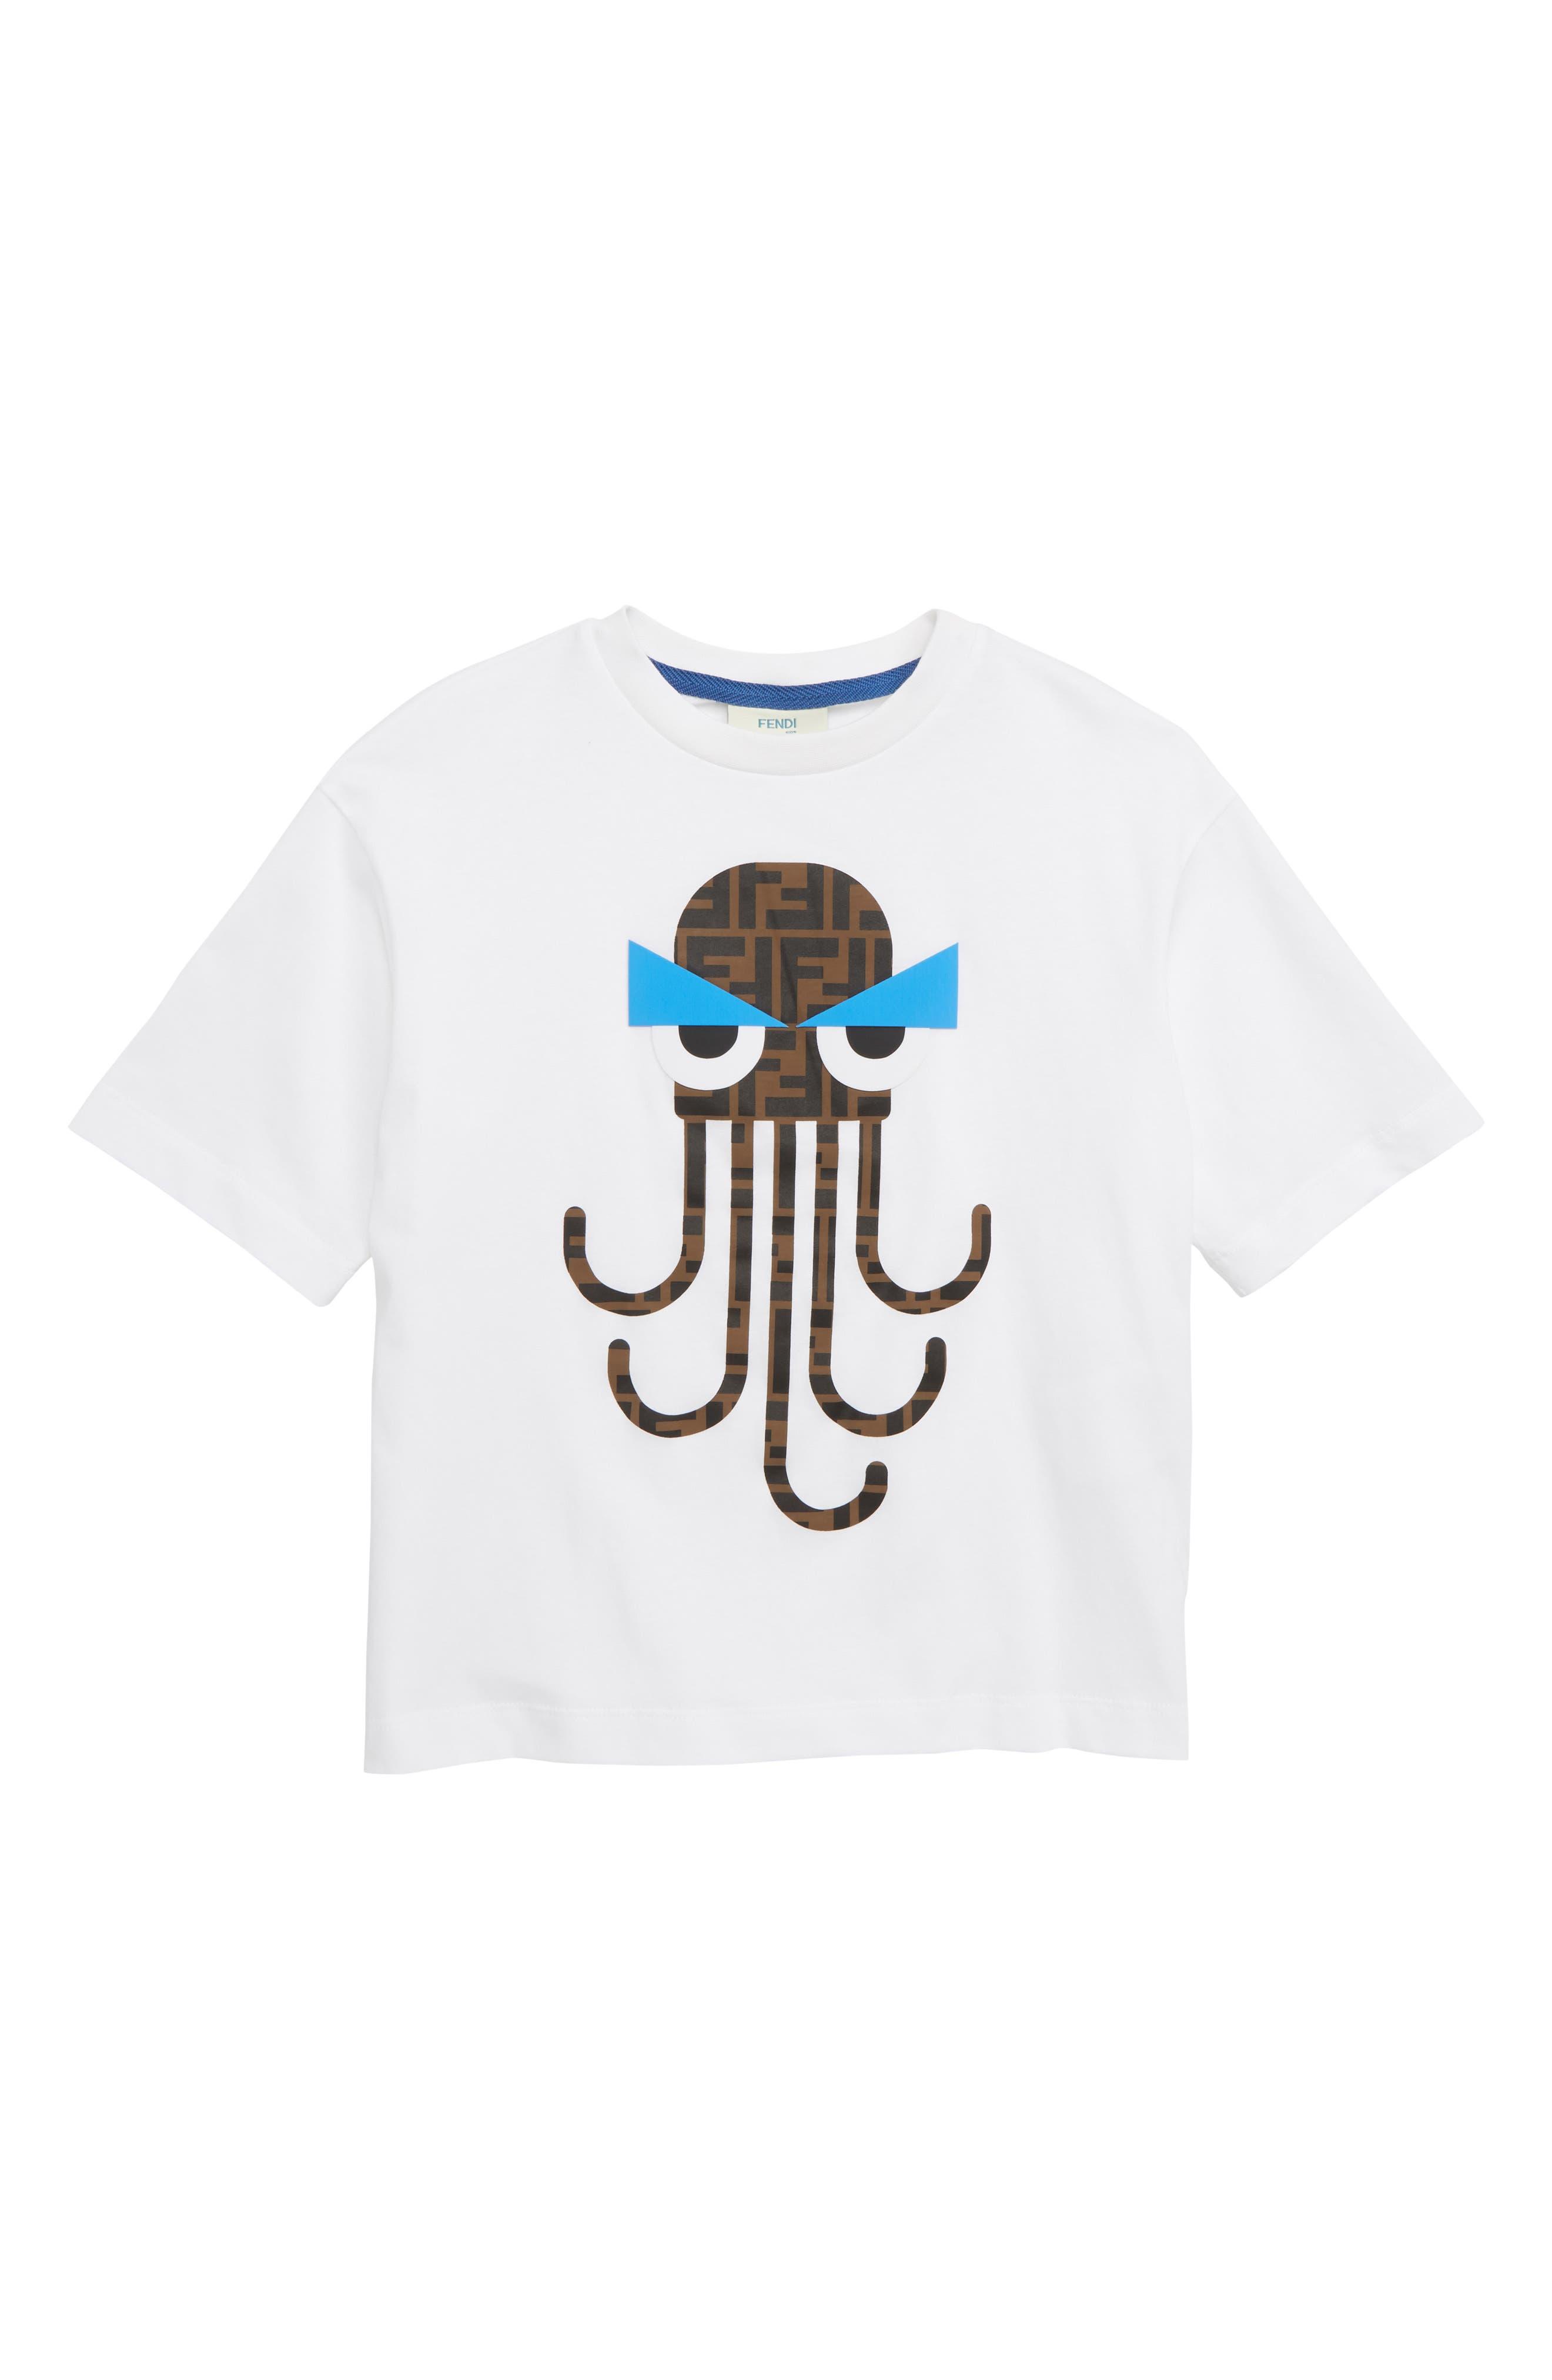 FENDI, Octopus Logo T-Shirt, Main thumbnail 1, color, F0QA0 WHITE